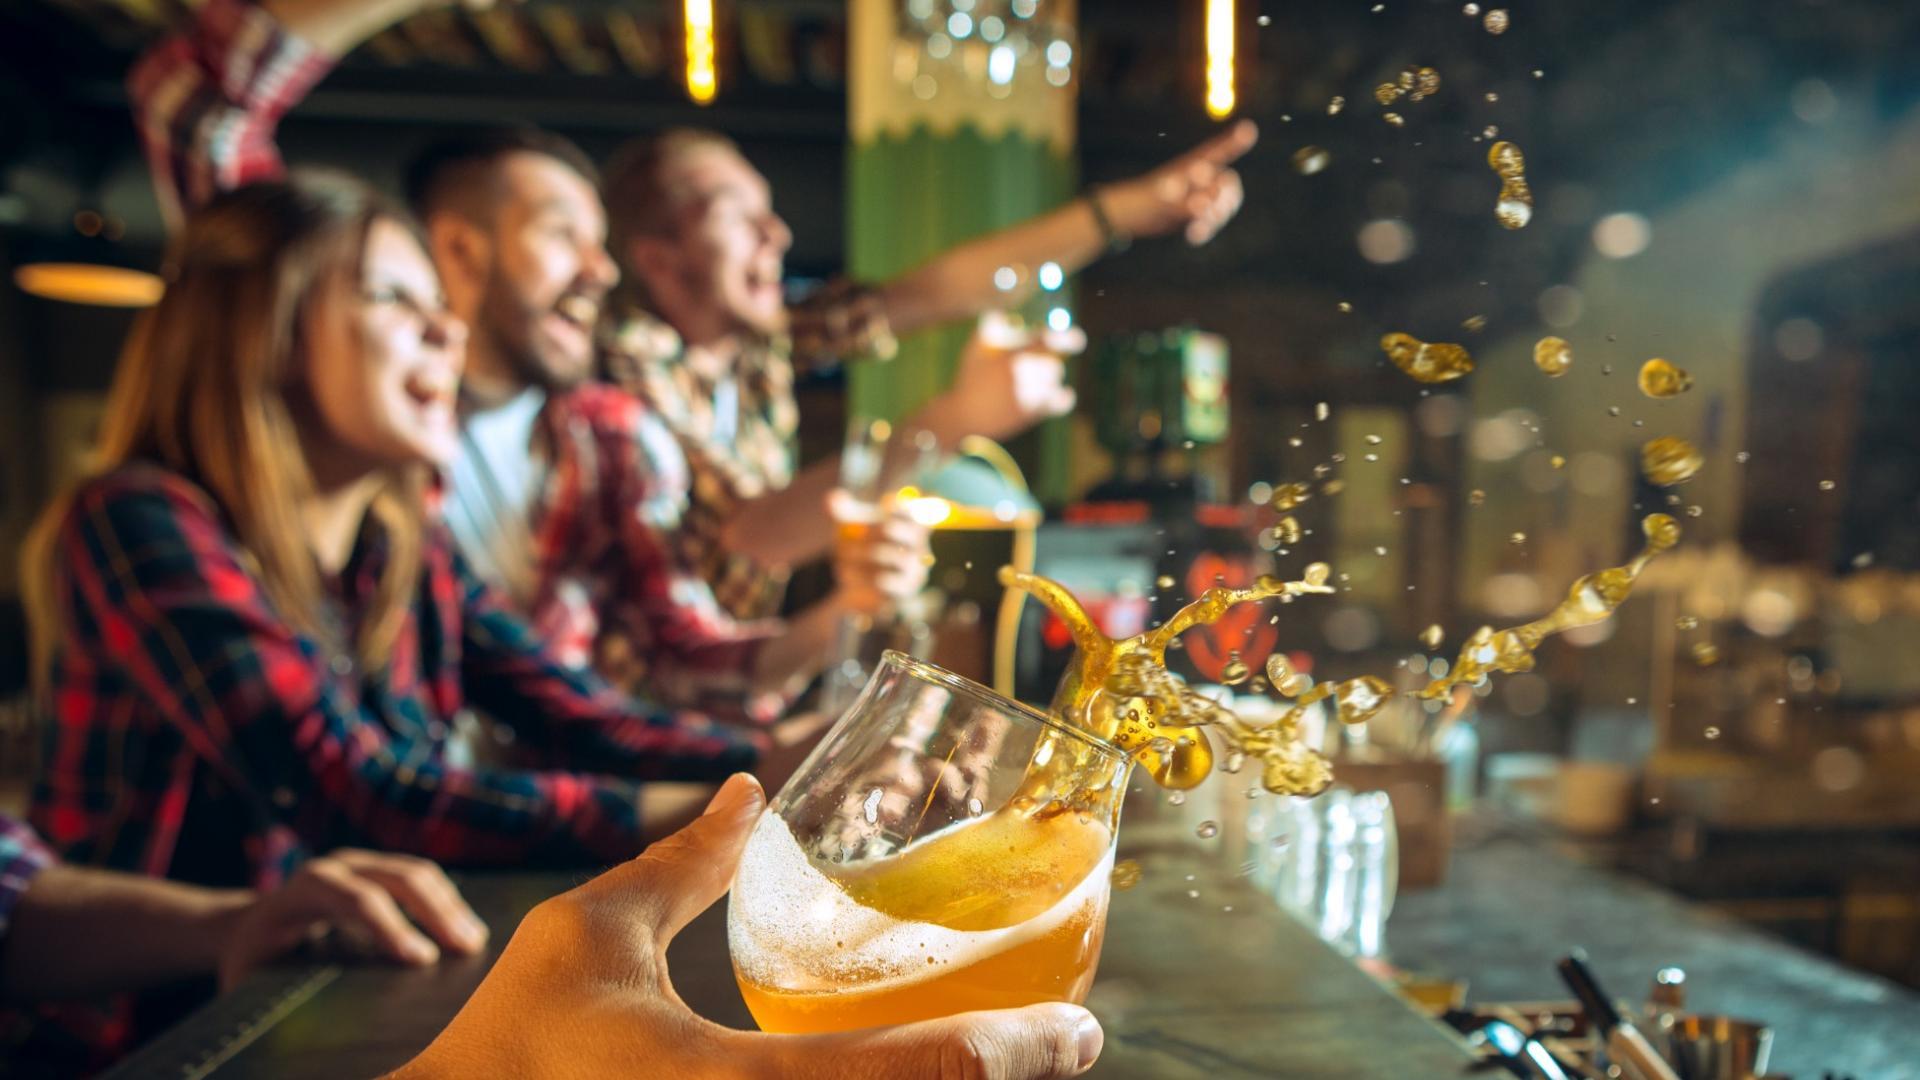 Feiern in der Bar oder im Club: Das scheint durch Corona noch Monate nicht möglich.